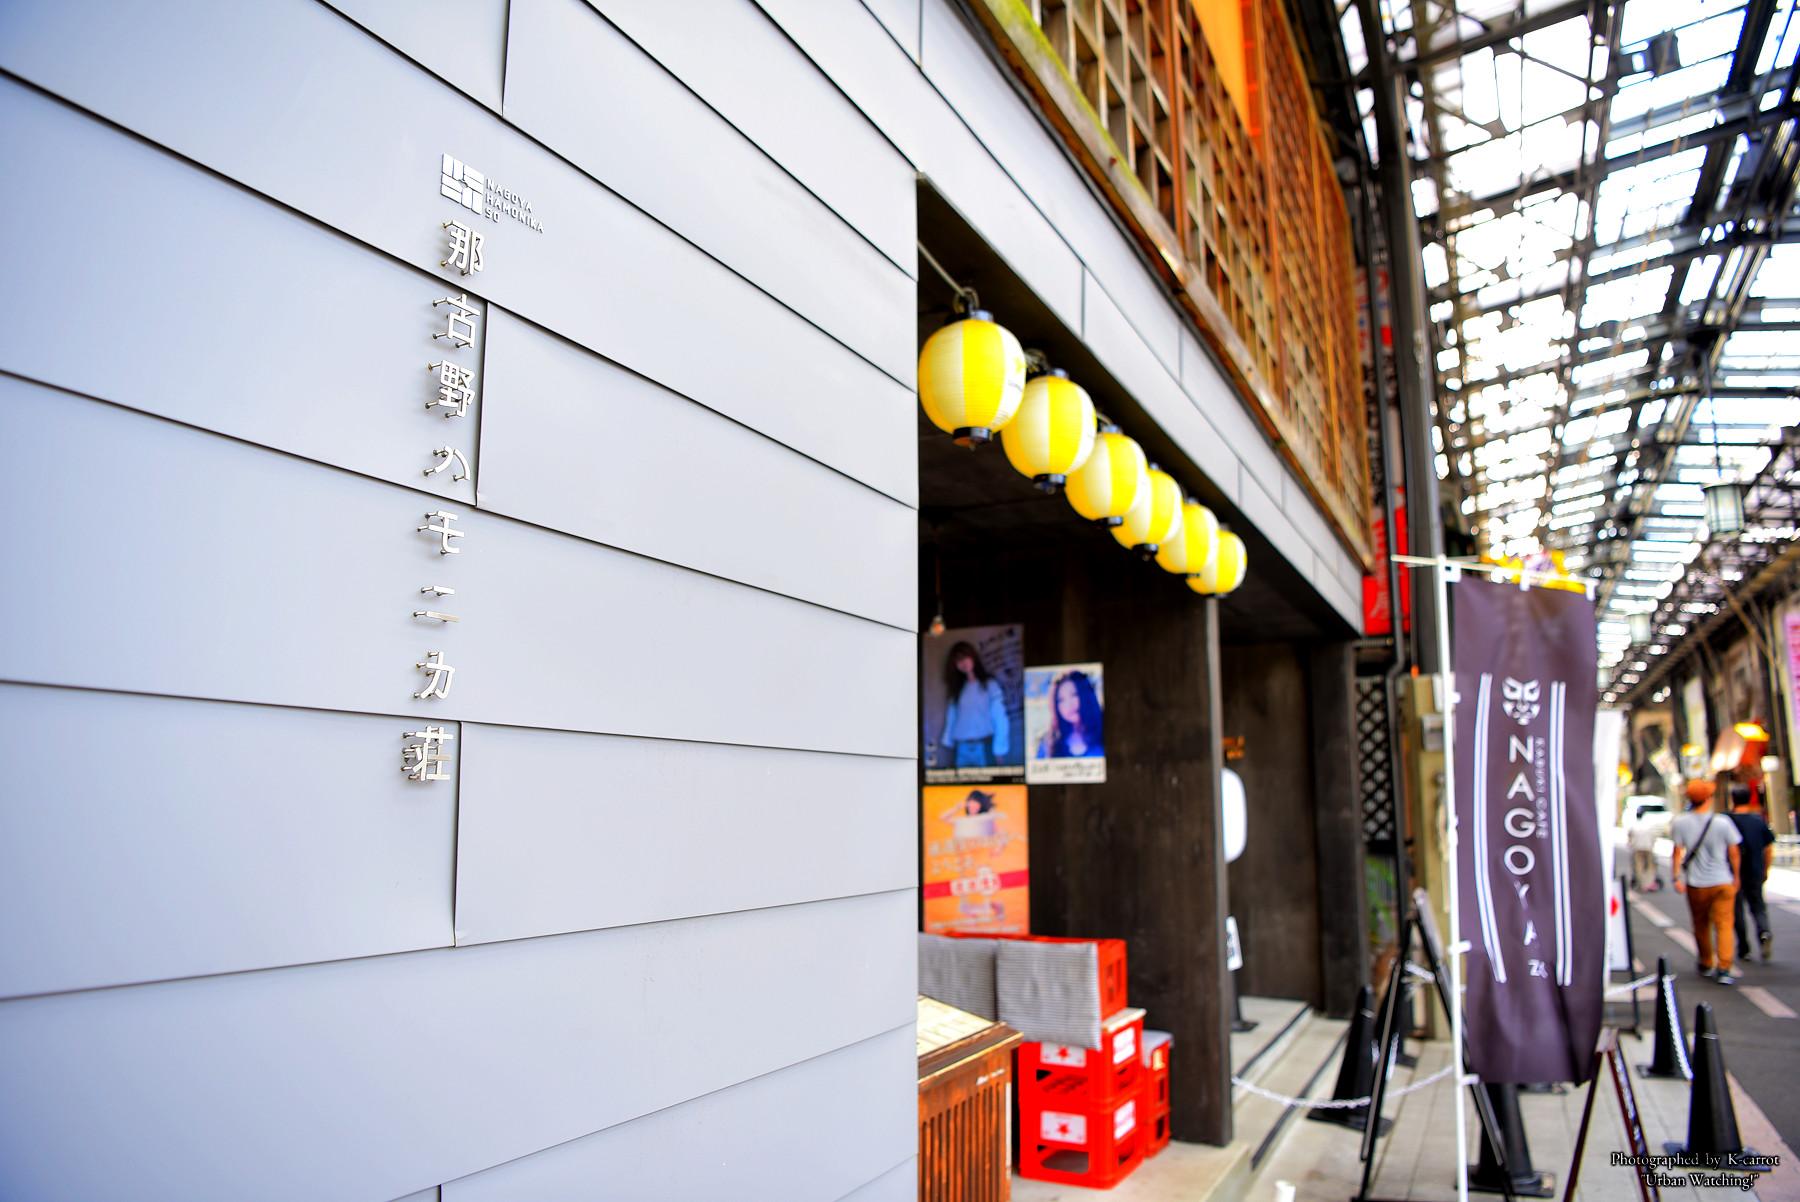 円頓寺でちょっと小旅行気分 ワクワクする革作りのお店「Antico Ciabattino」に行ってみた